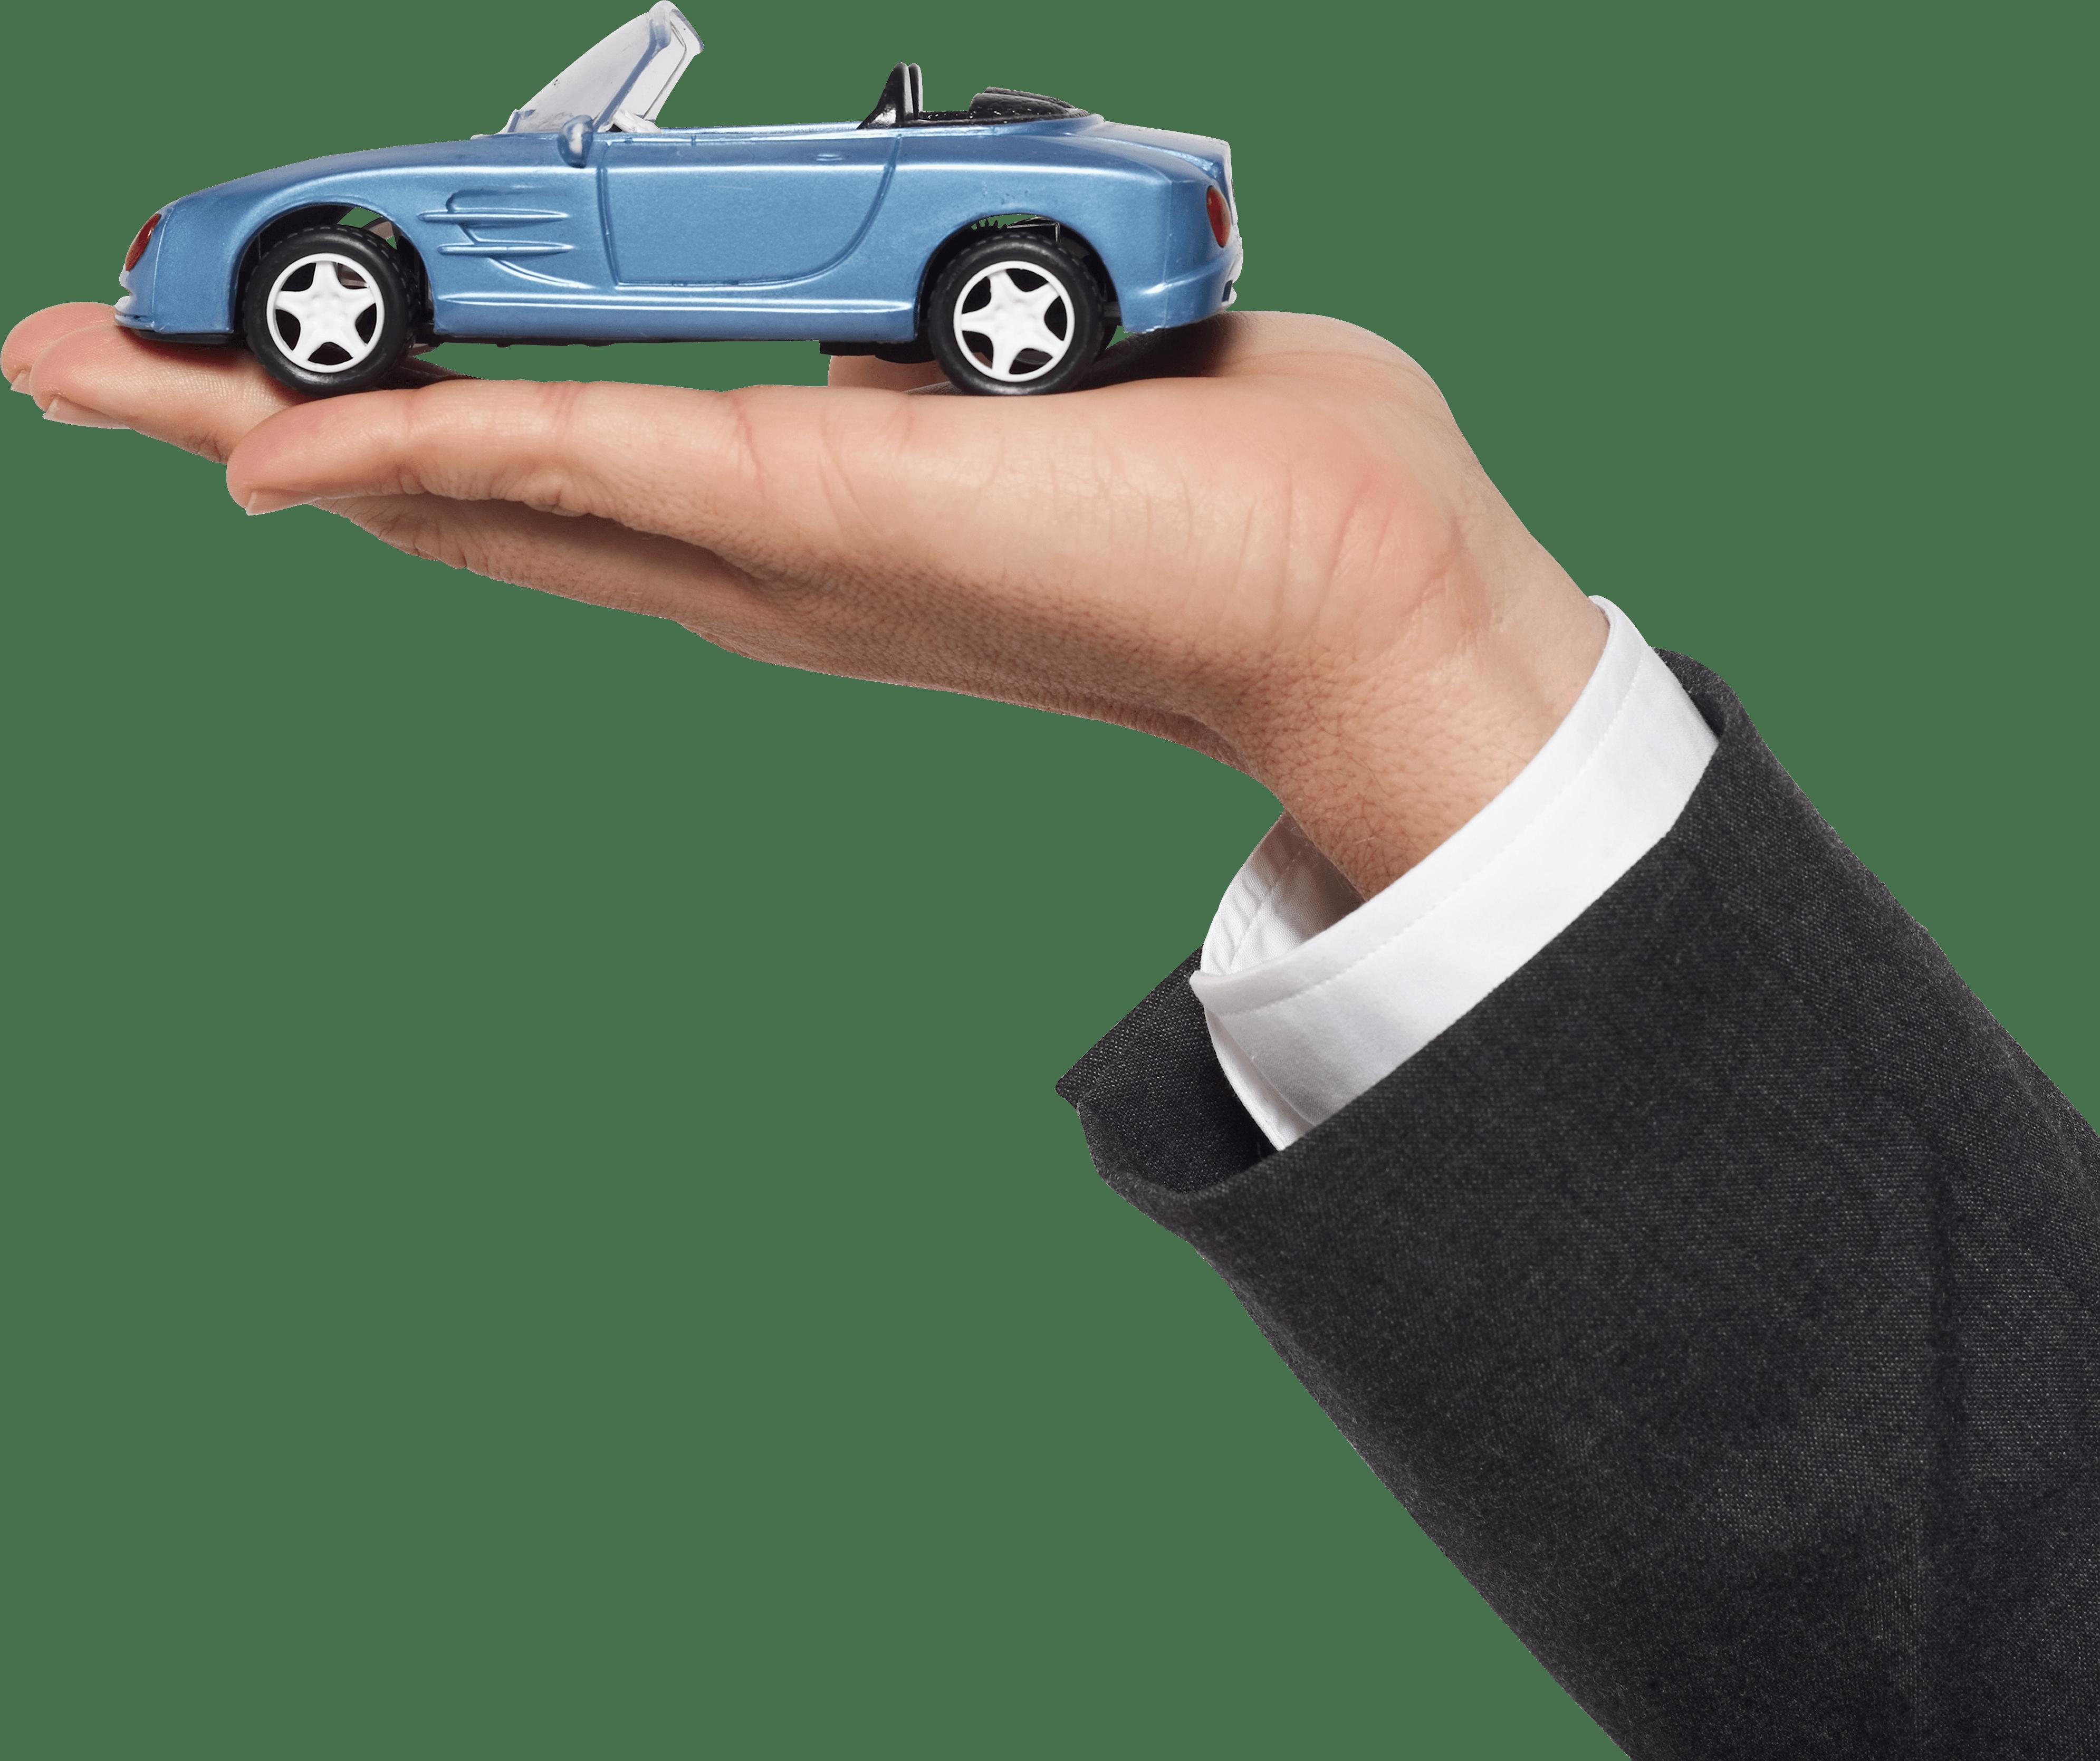 CarVeto Check